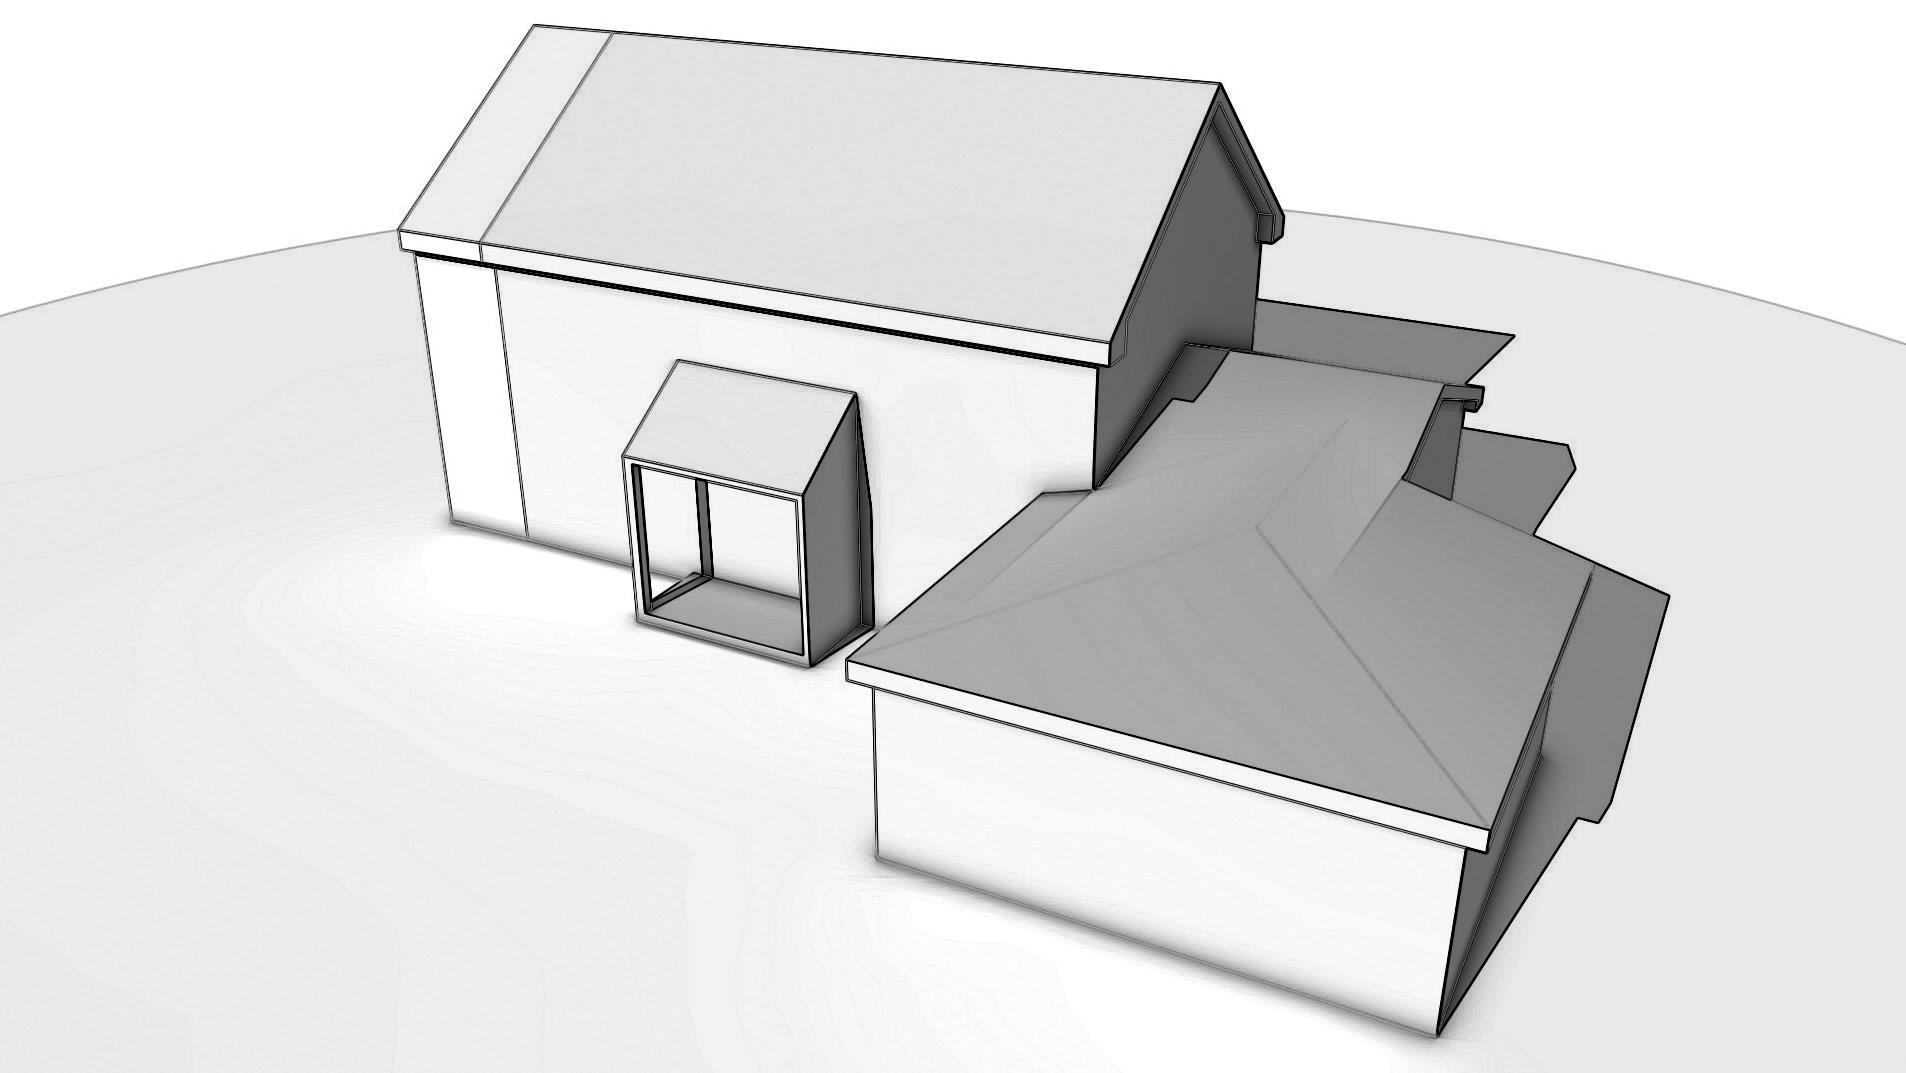 Roofline5-b.jpg